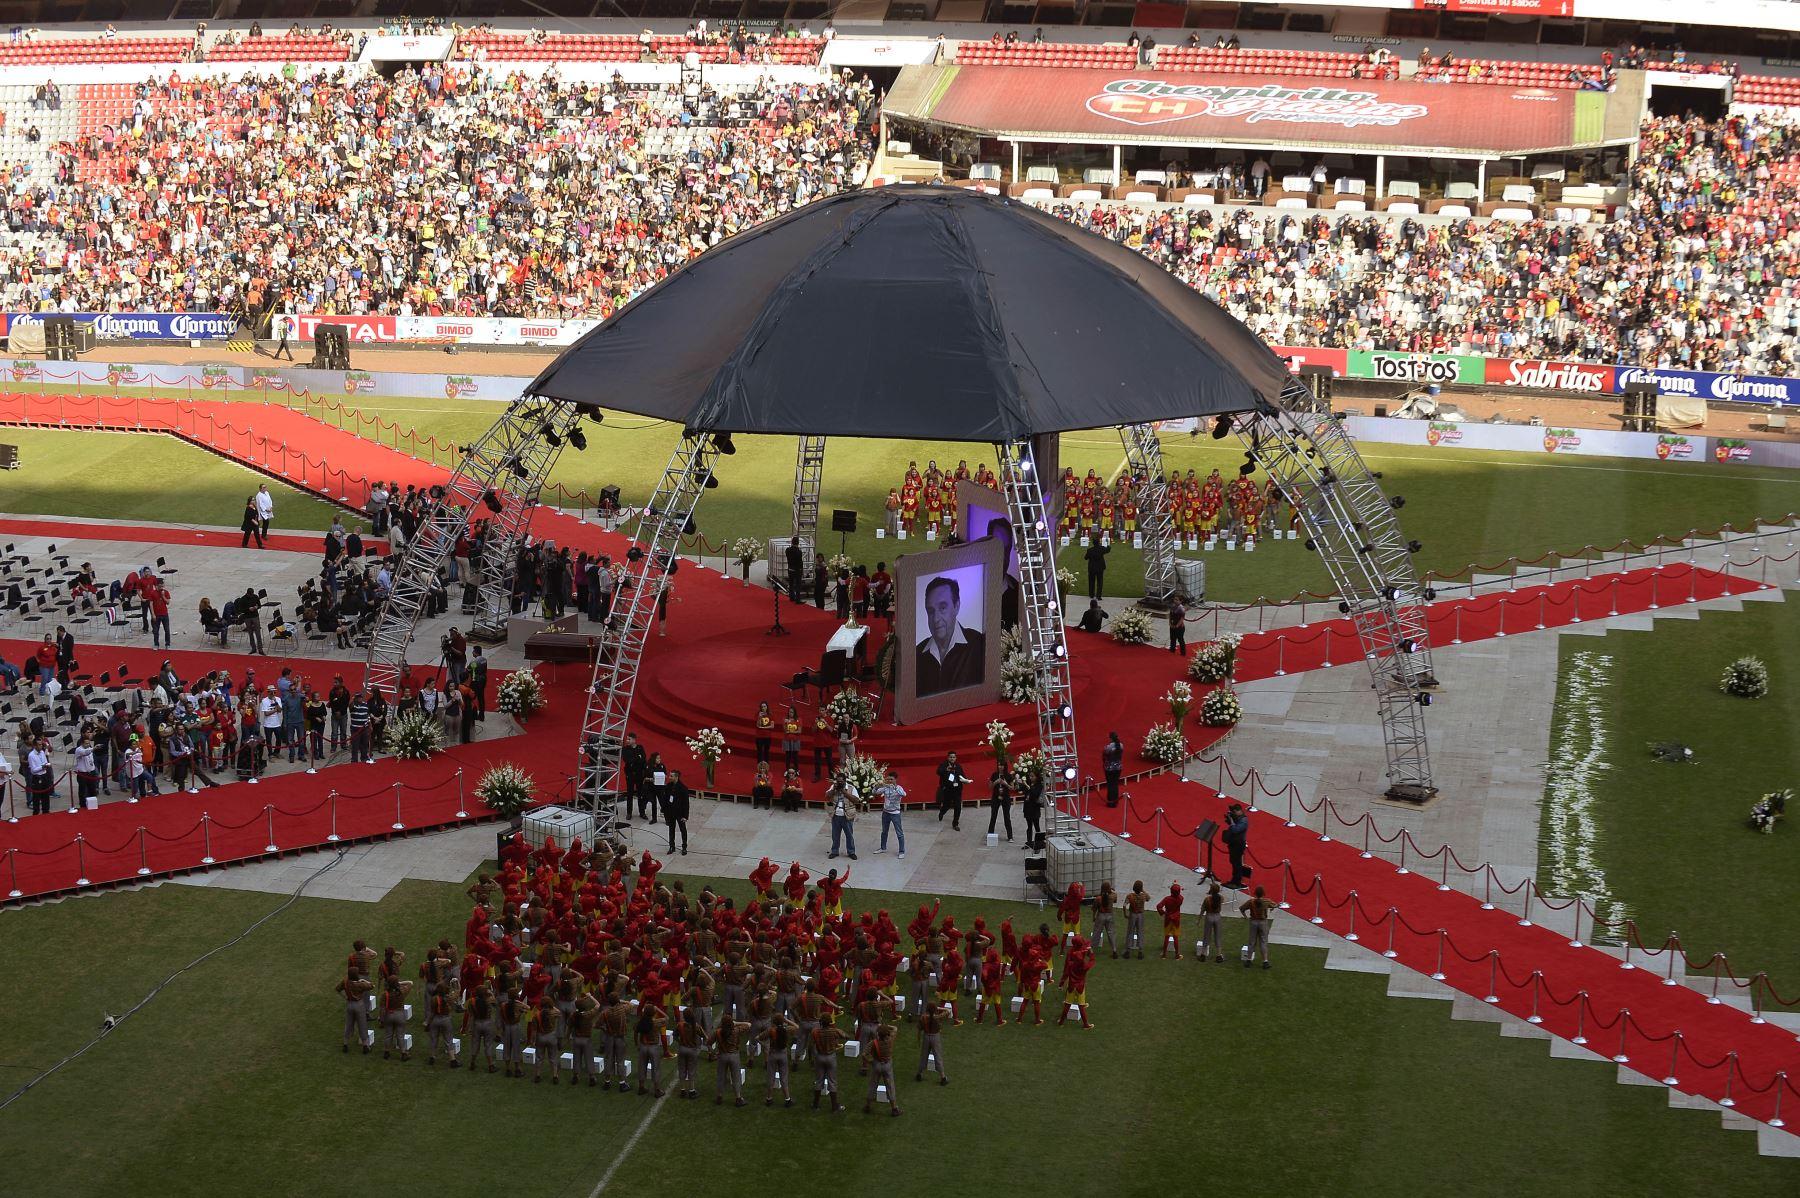 Vista general del estadio Azteca con capacidad para 105,000 personas en la Ciudad de México el 30 de noviembre de 2014 durante un homenaje en honor al comediante mexicano Roberto Gómez Bolaños, dos días después de su muerte. Foto: AFP